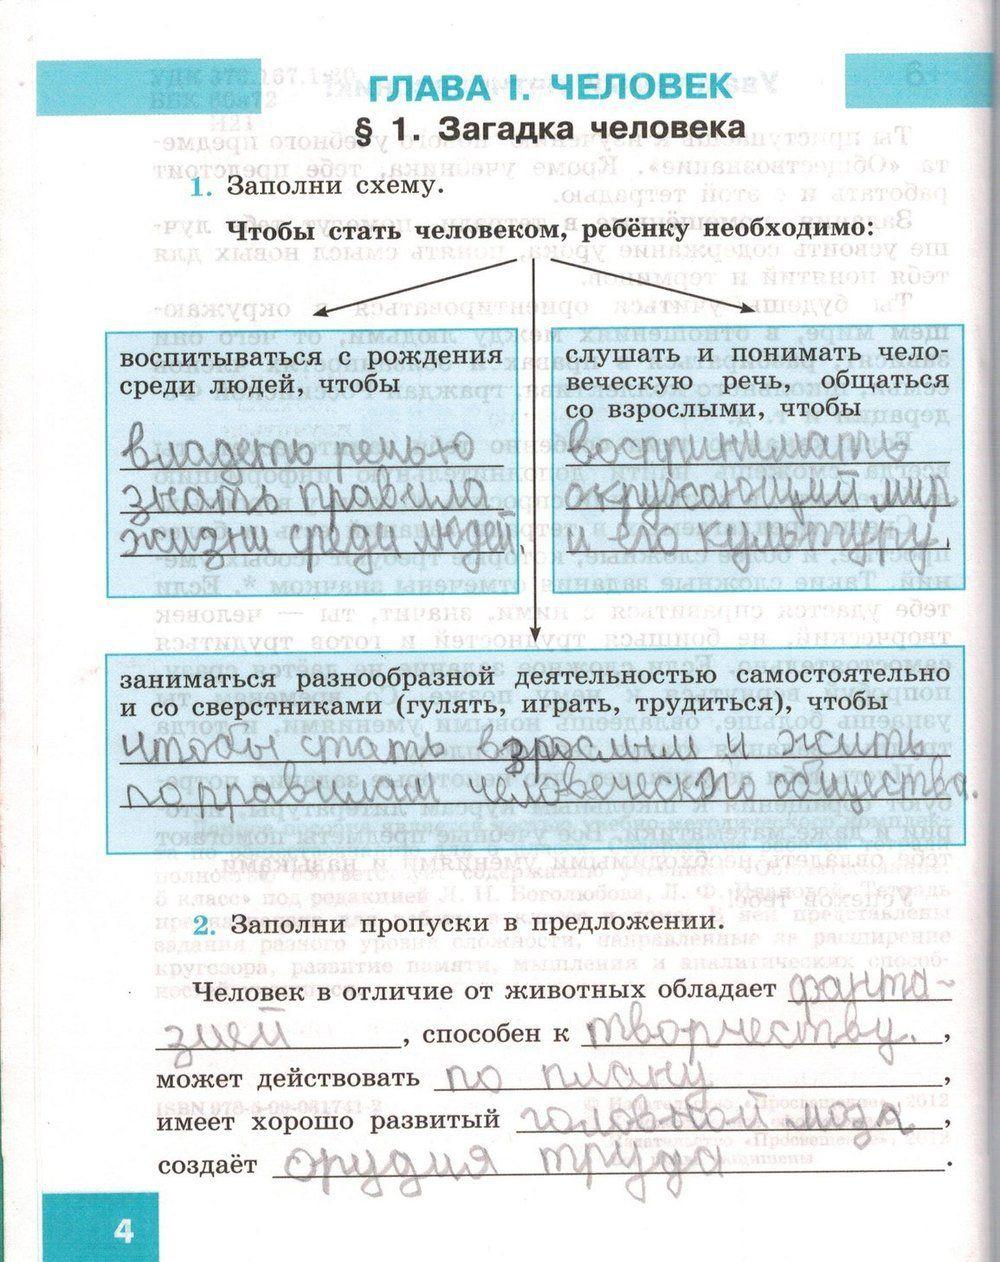 Рабочая тетрадь по обществознанию иванова6 класс скачать бесплатно